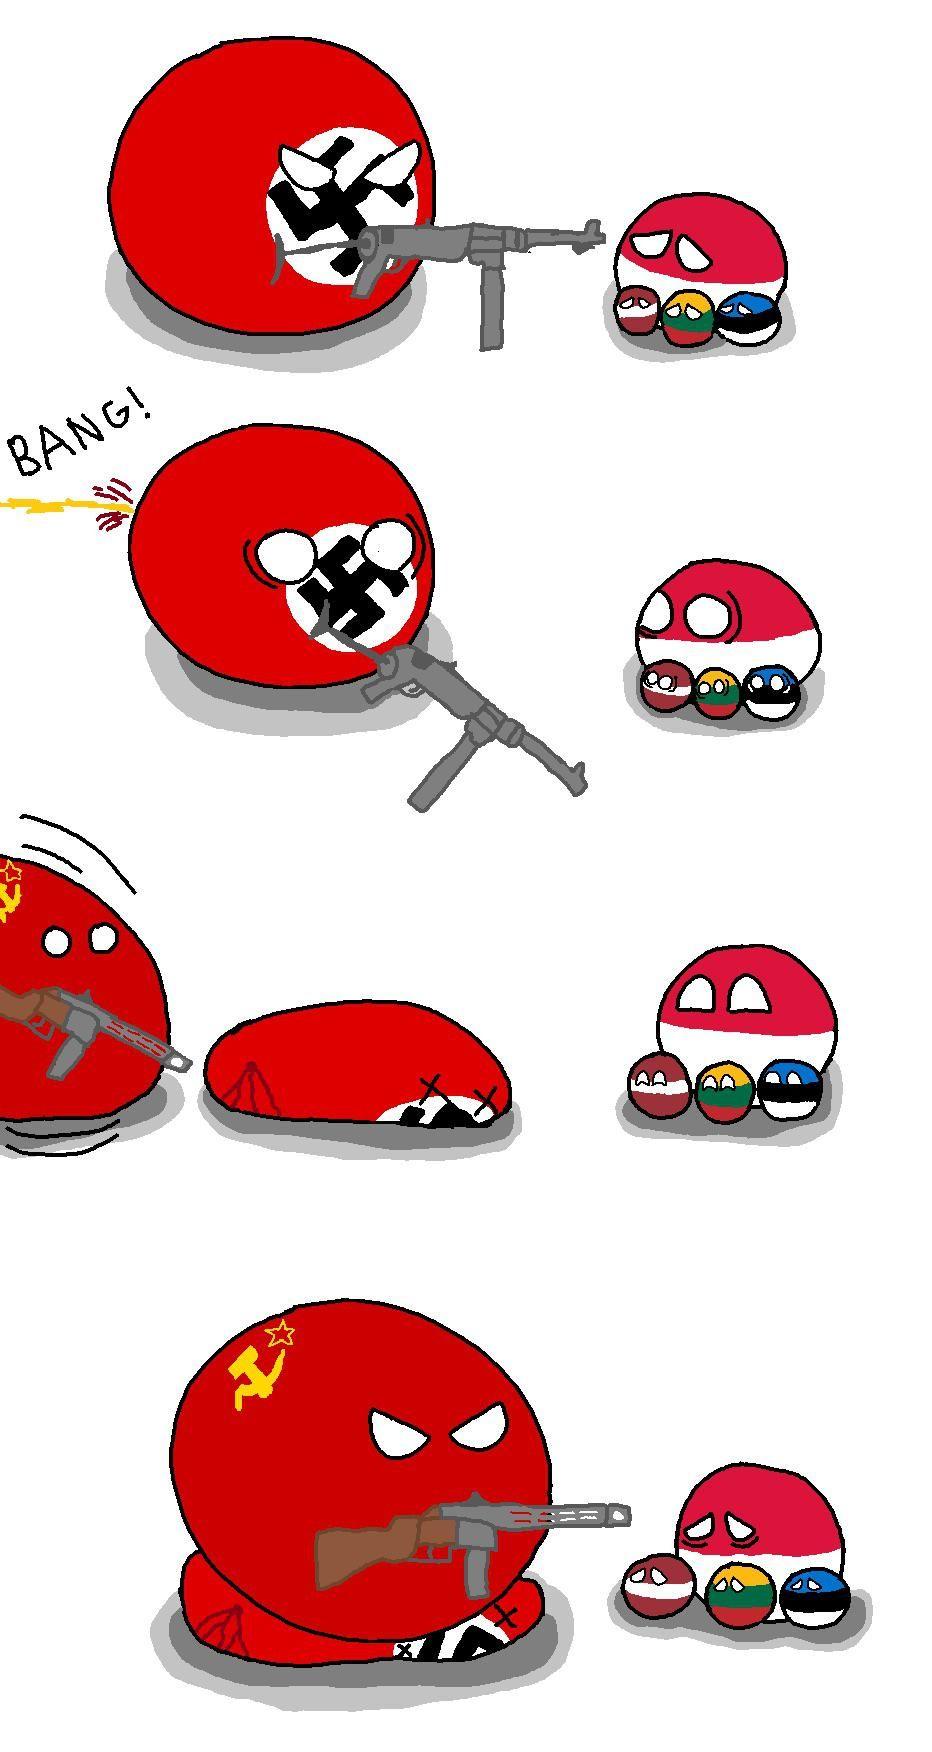 A change of oppresors